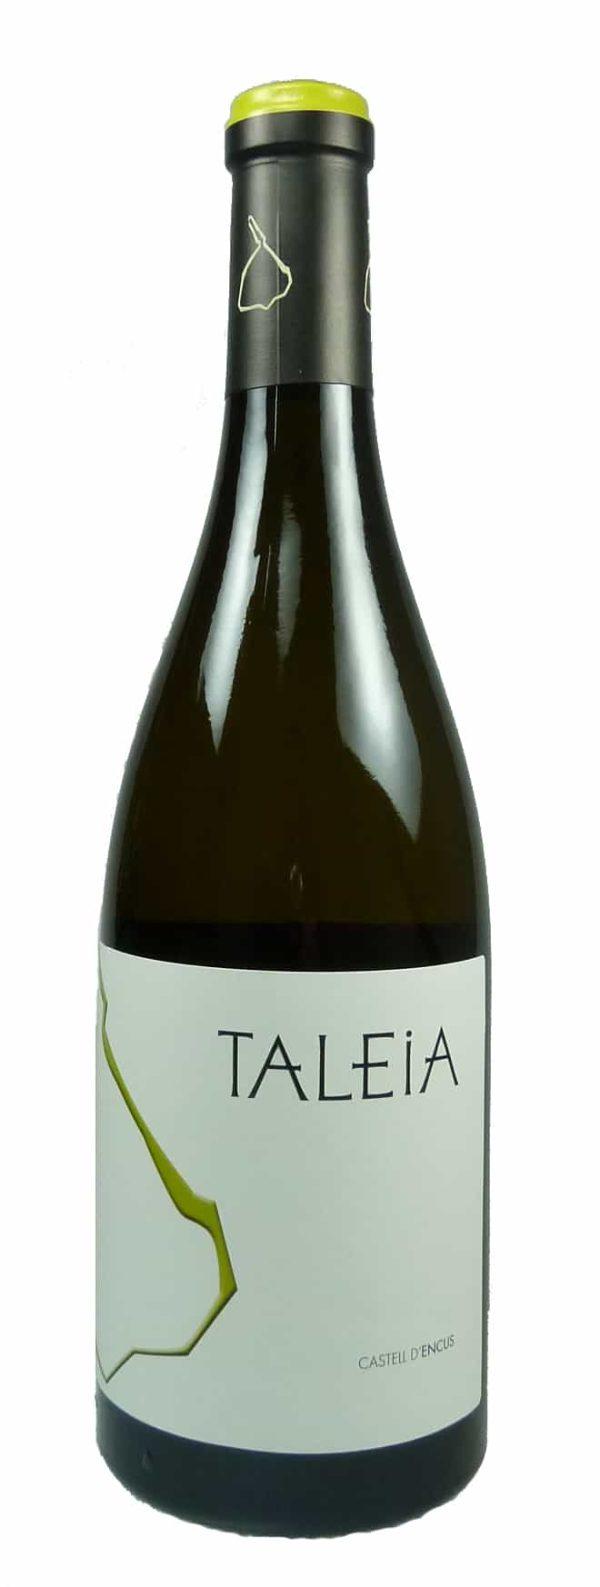 Taleia Costers del Segre Sauvignon blanc Sémillon 2016